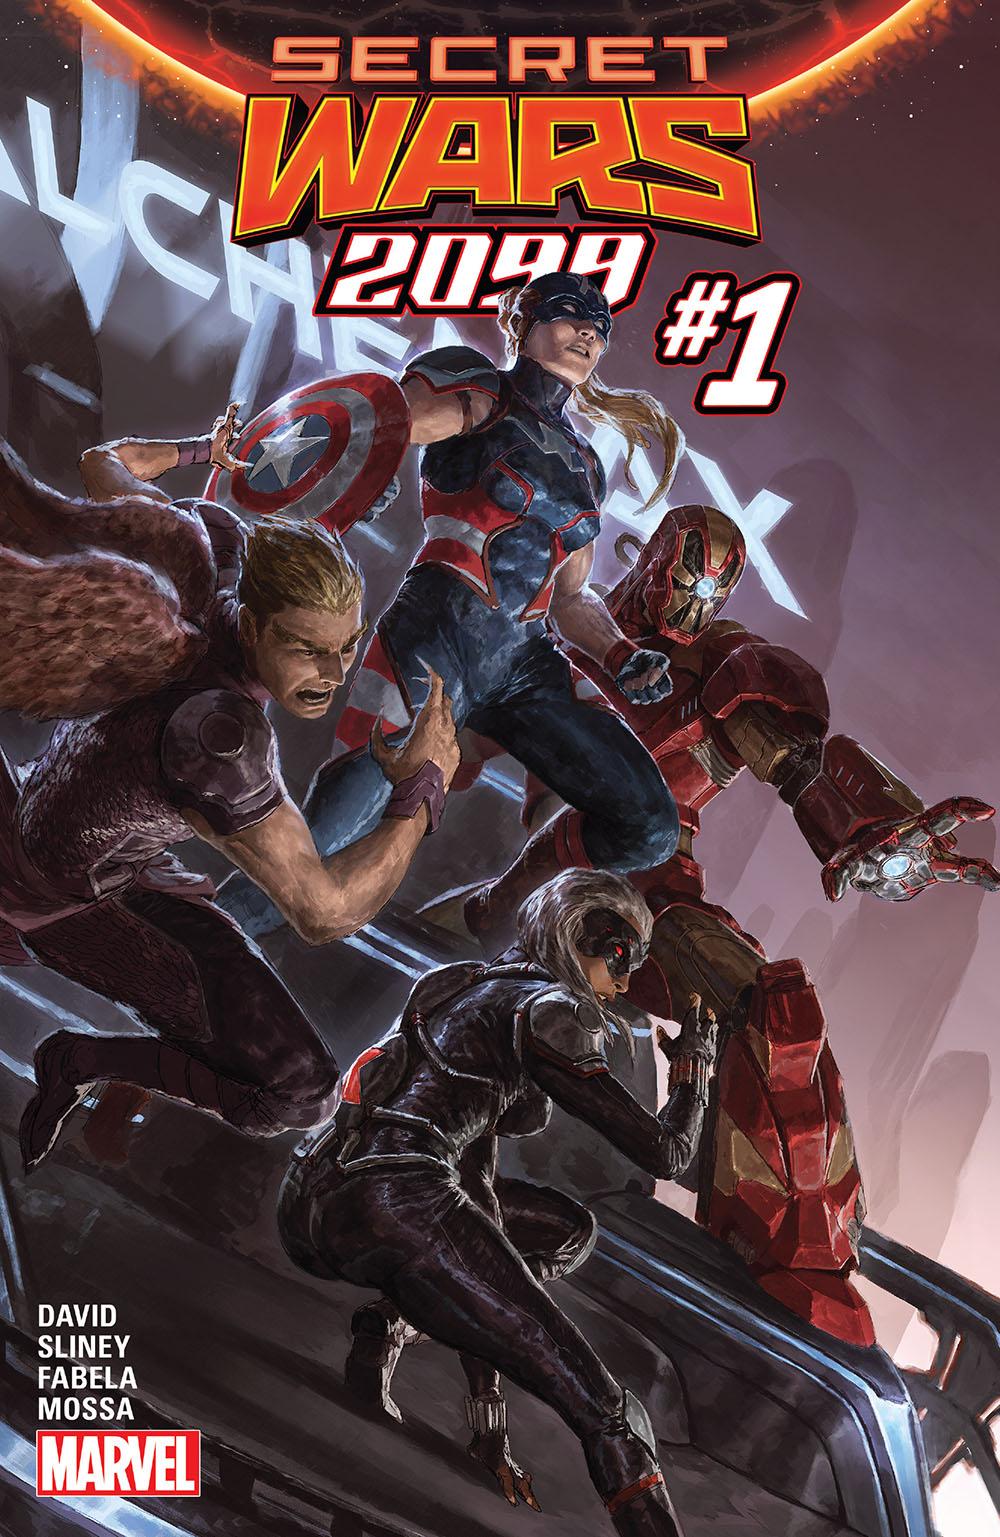 Fantastic Wallpaper Marvel Secret Wars - p84_0  You Should Have_39192.jpg